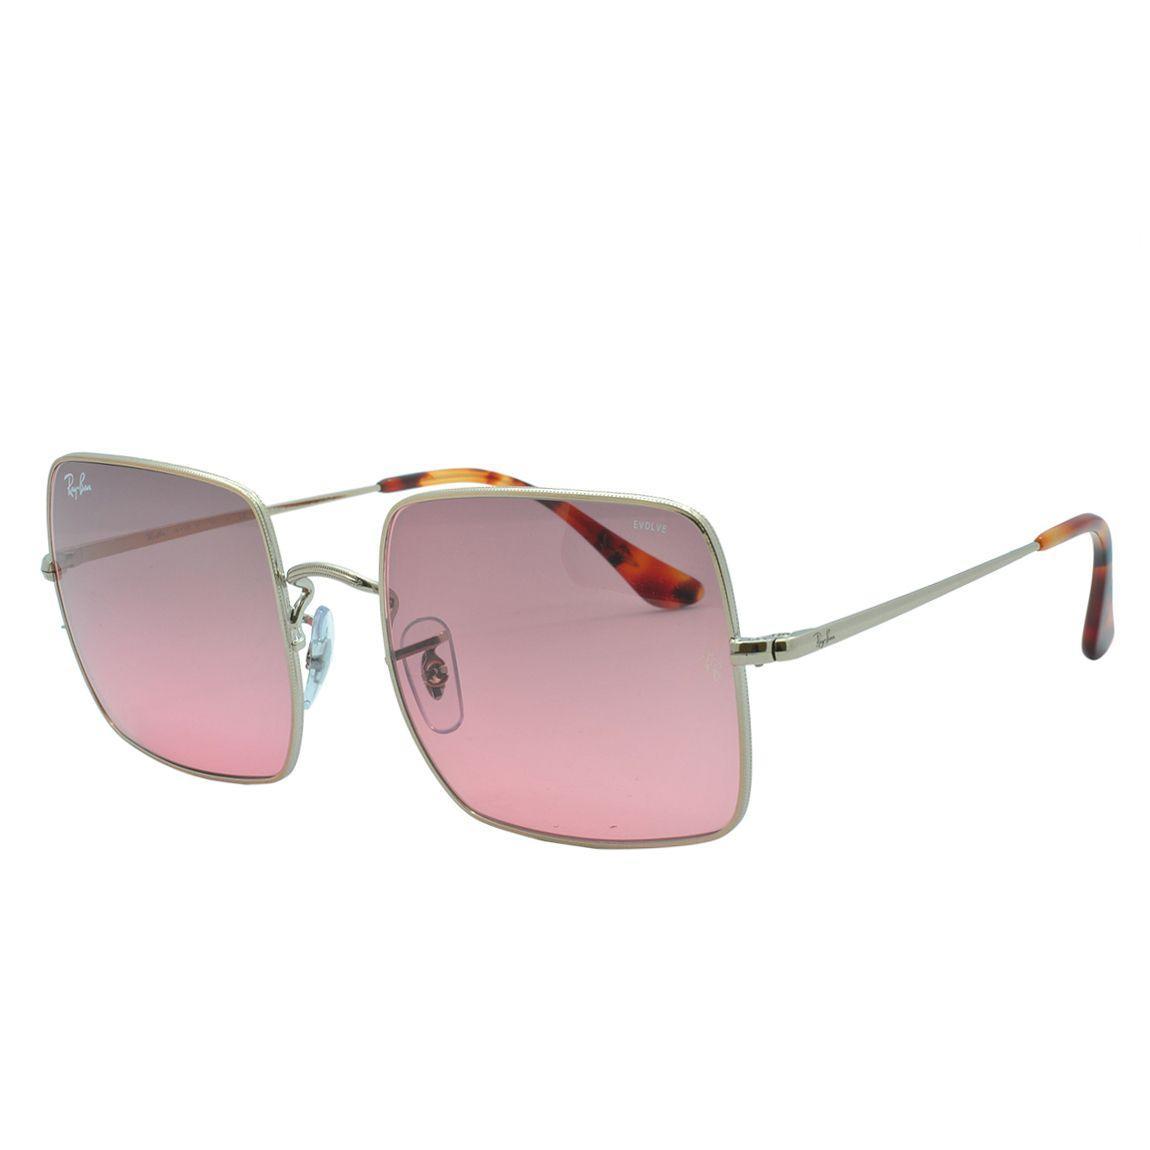 fd6b71ef2 Óculos de Sol Ray Ban Square Evolve Feminino RB1971 9151AA54 - Metal Rosé e  Lente Rosa R$ 635,00 à vista. Adicionar à sacola